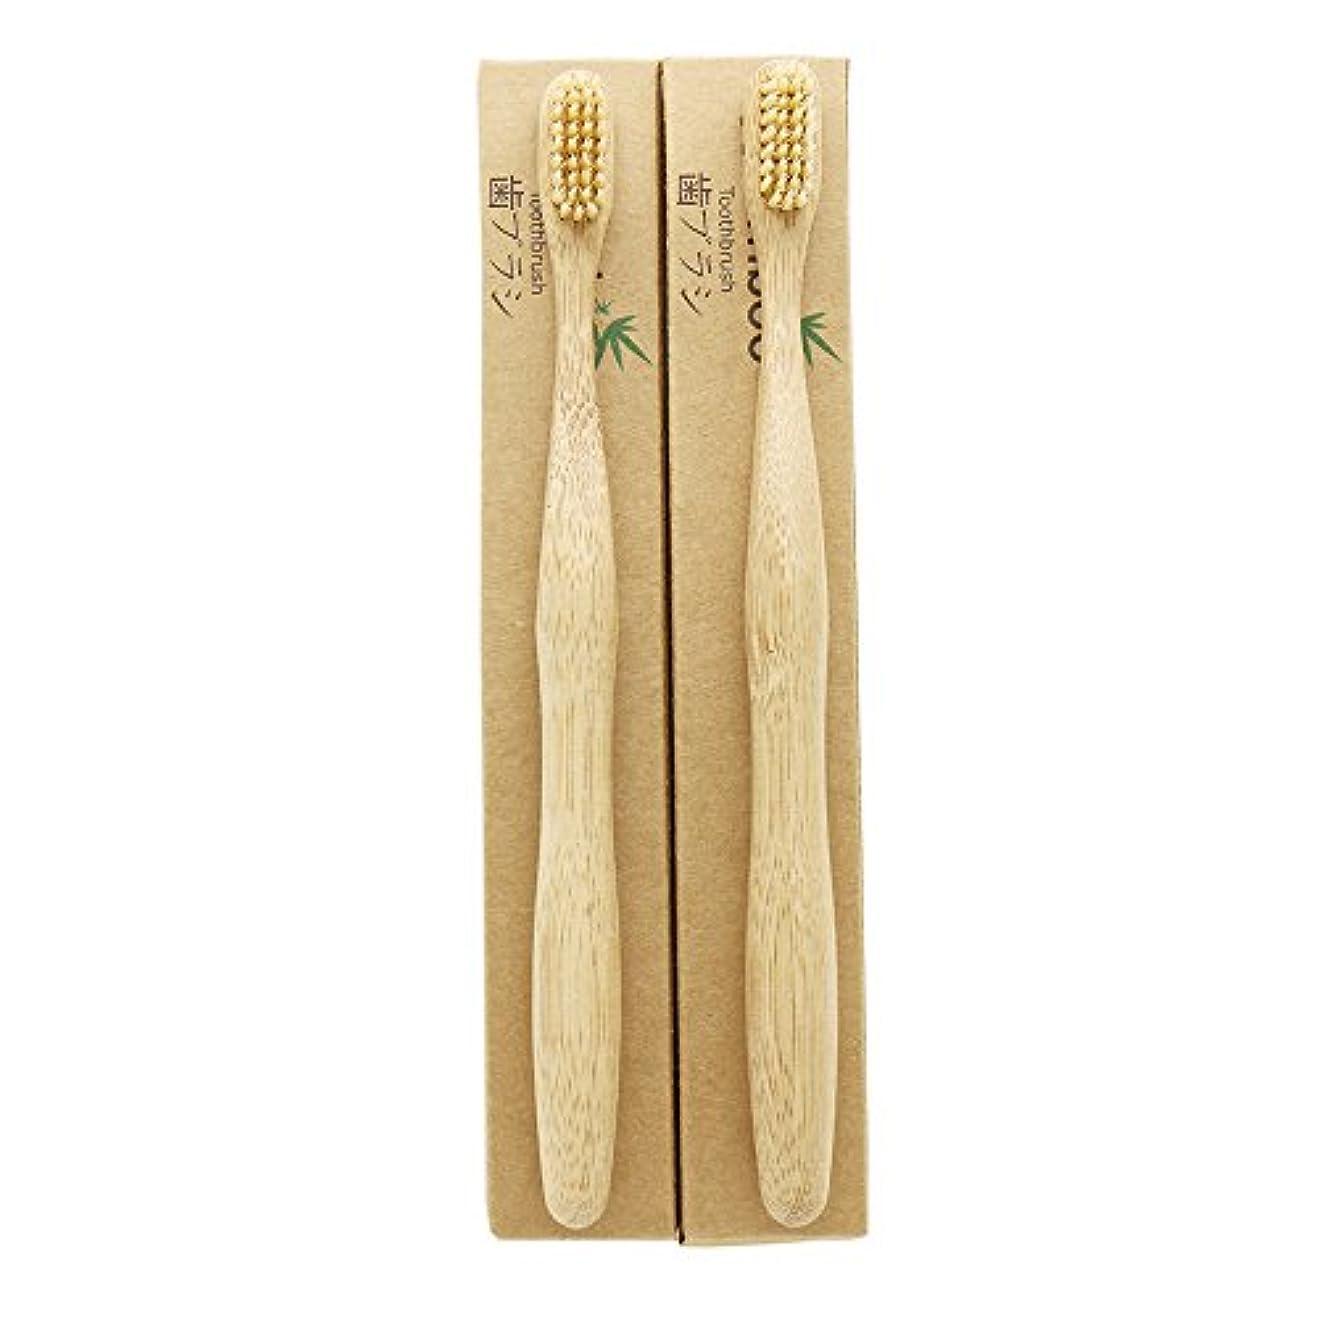 トレイル高齢者ノートN-amboo 竹製耐久度高い 歯ブラシ ハンドル大きい 2本入りセット ベージュ